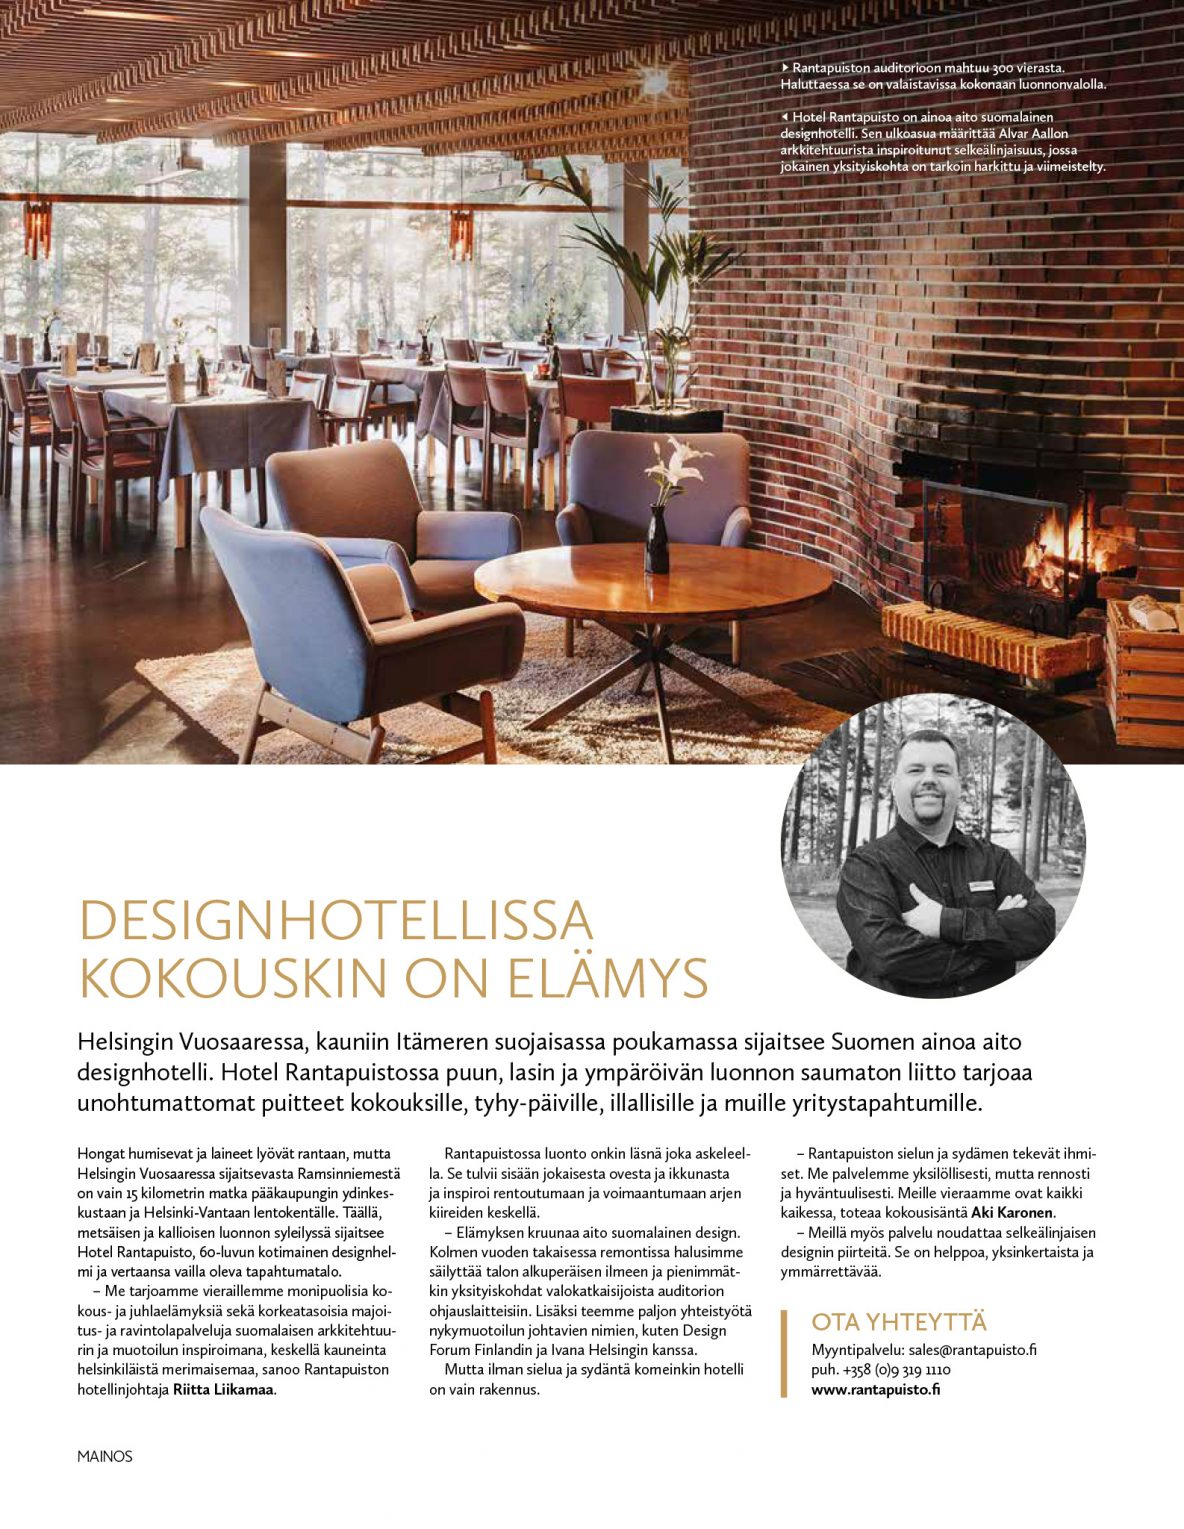 Designhotellissa kokouskin on elämys